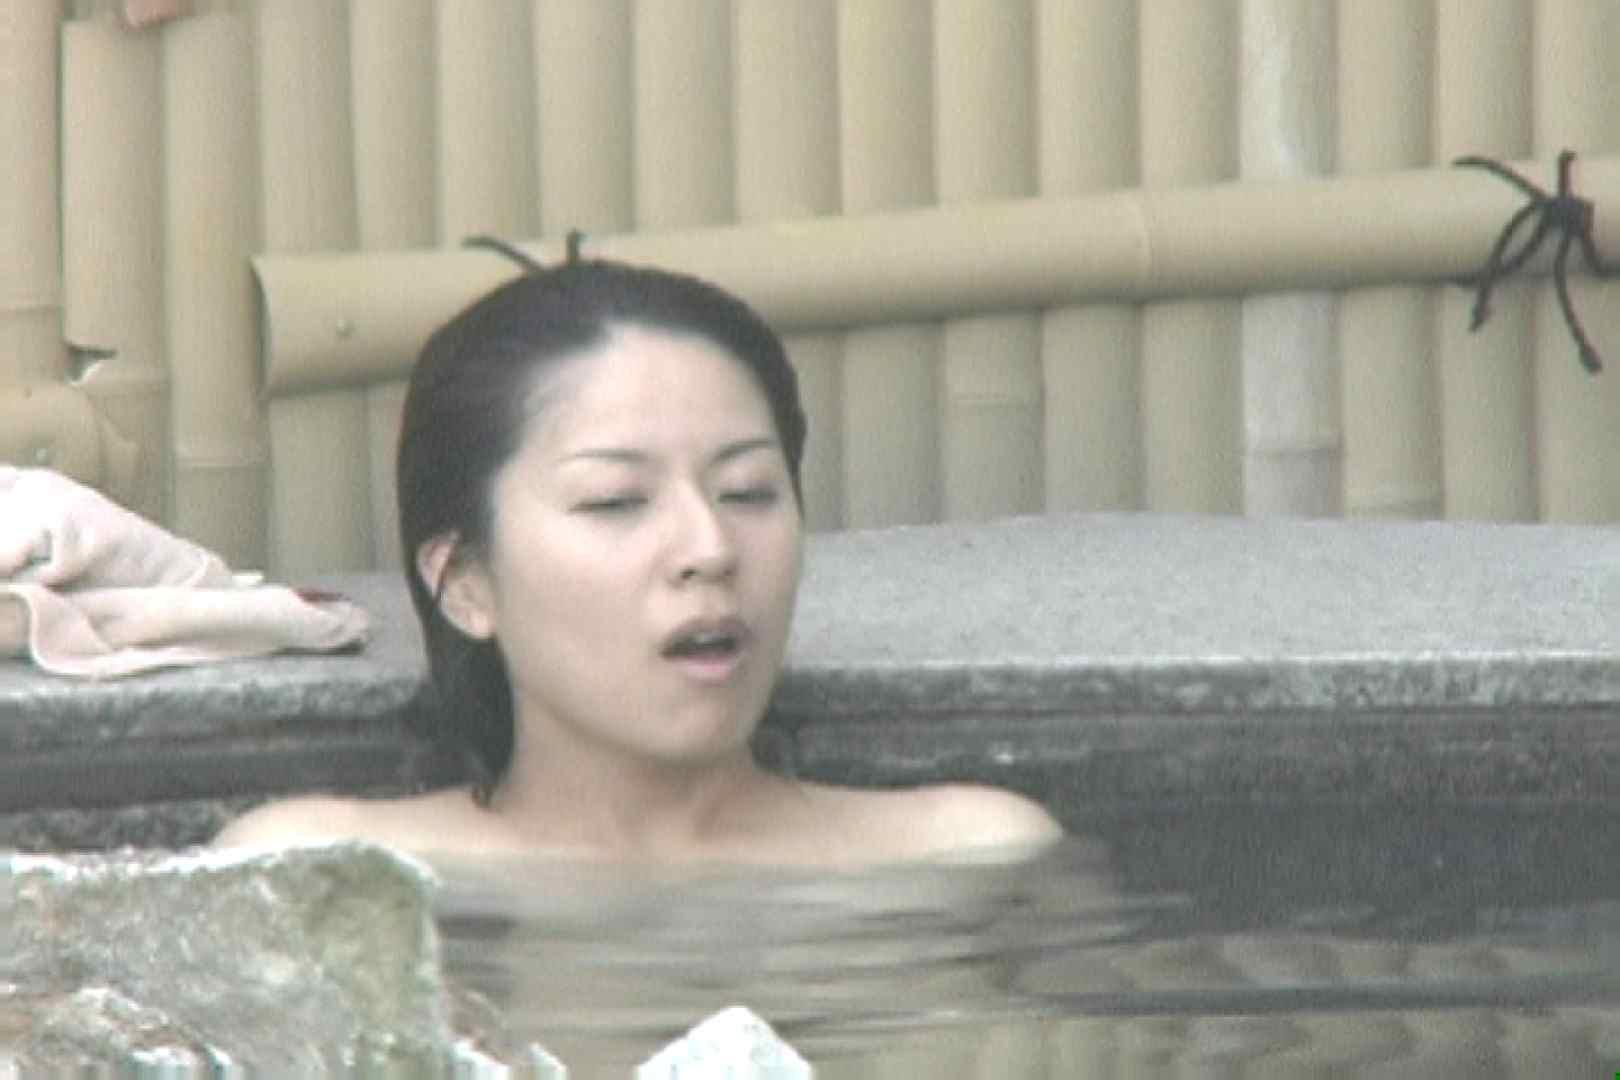 Aquaな露天風呂Vol.694 盗撮  110PICs 39